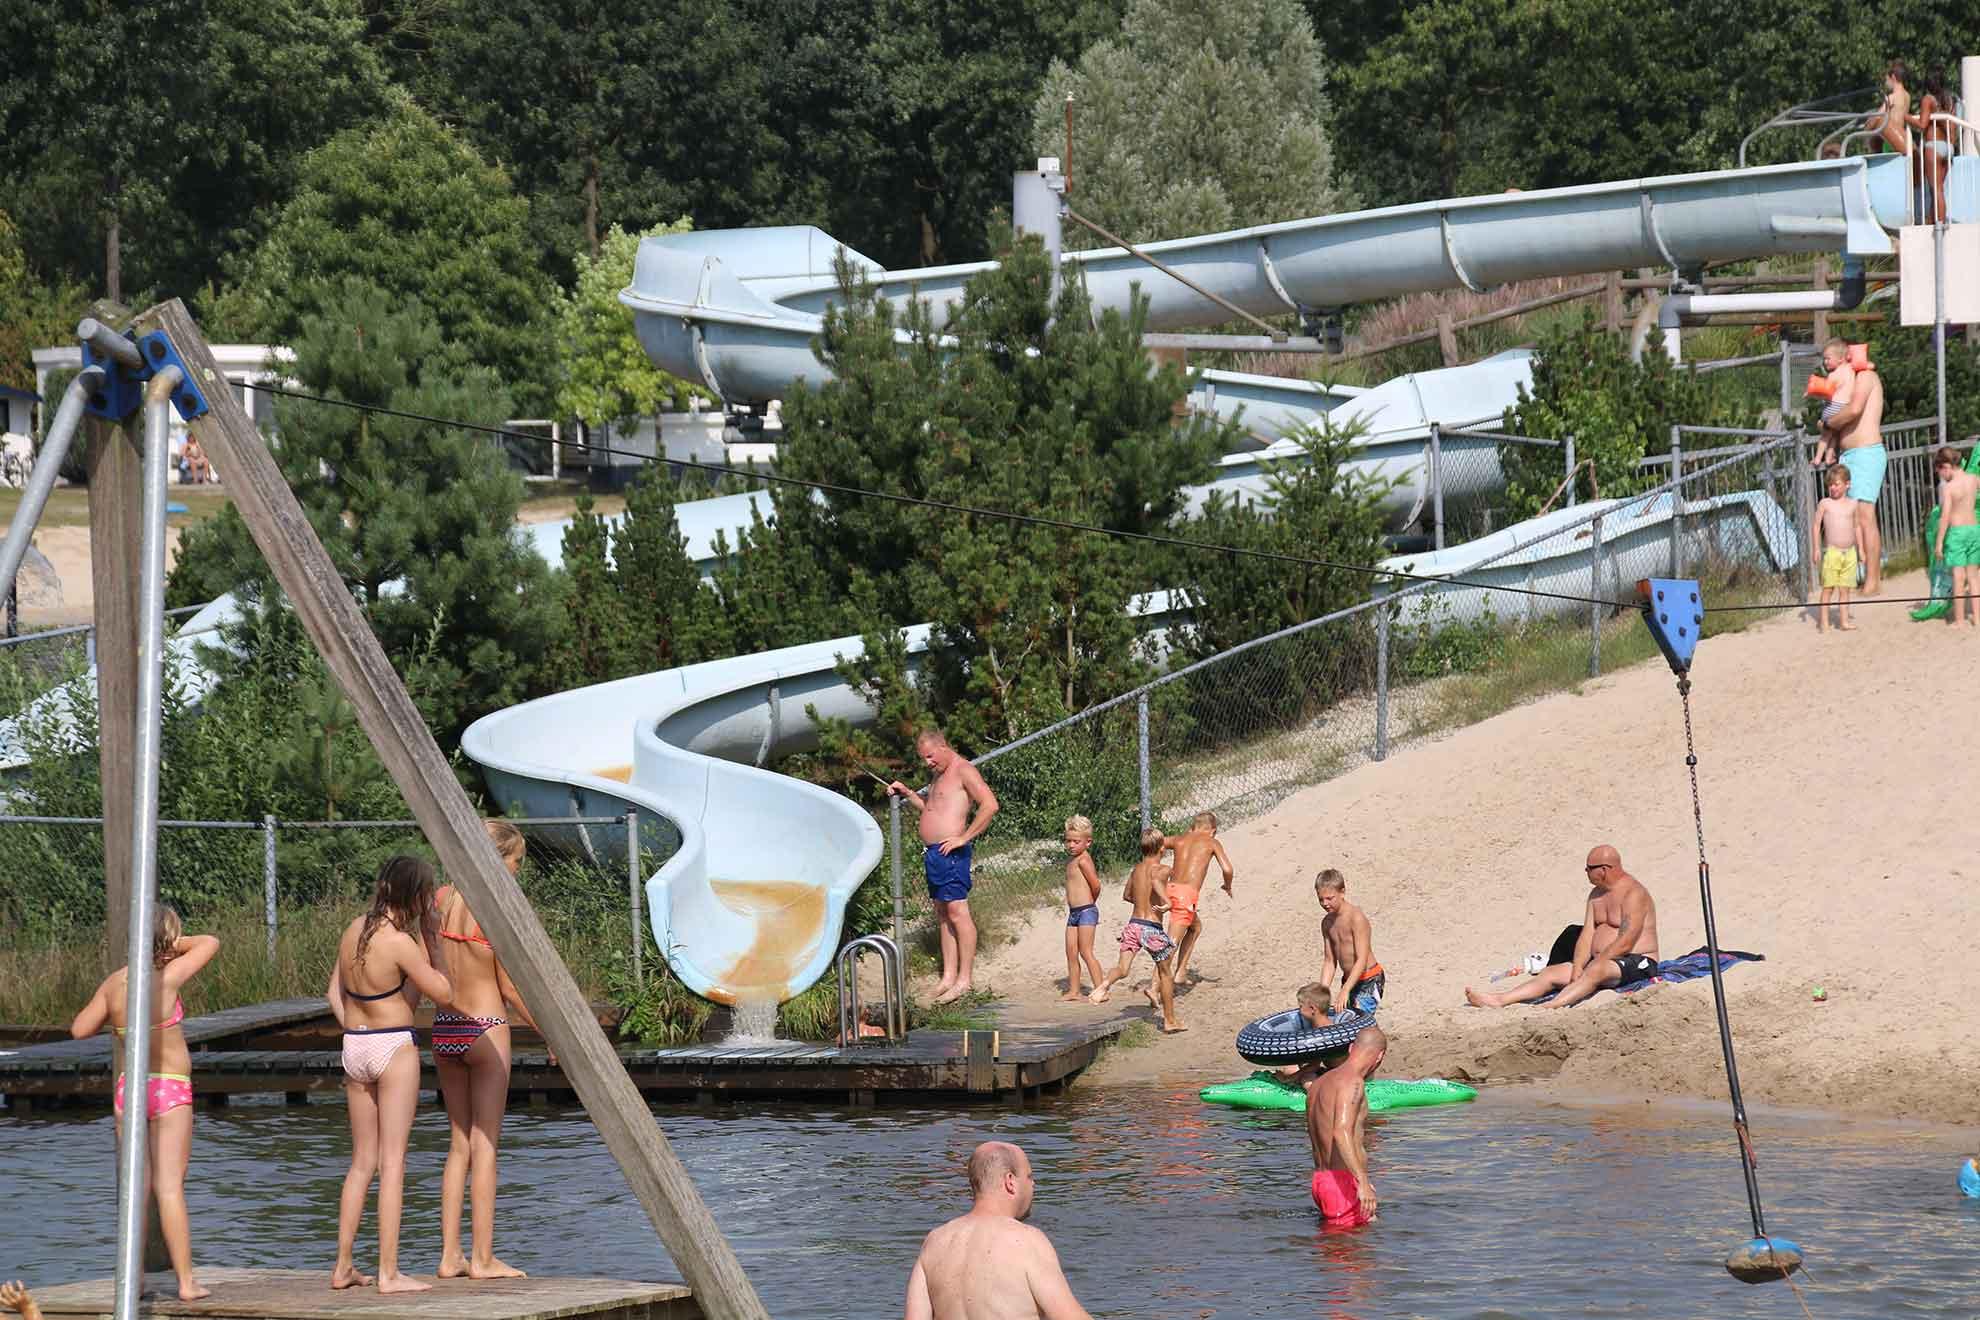 Camping met privé sanitair, een luxe kampeervakantie! - camping met prive sanitair